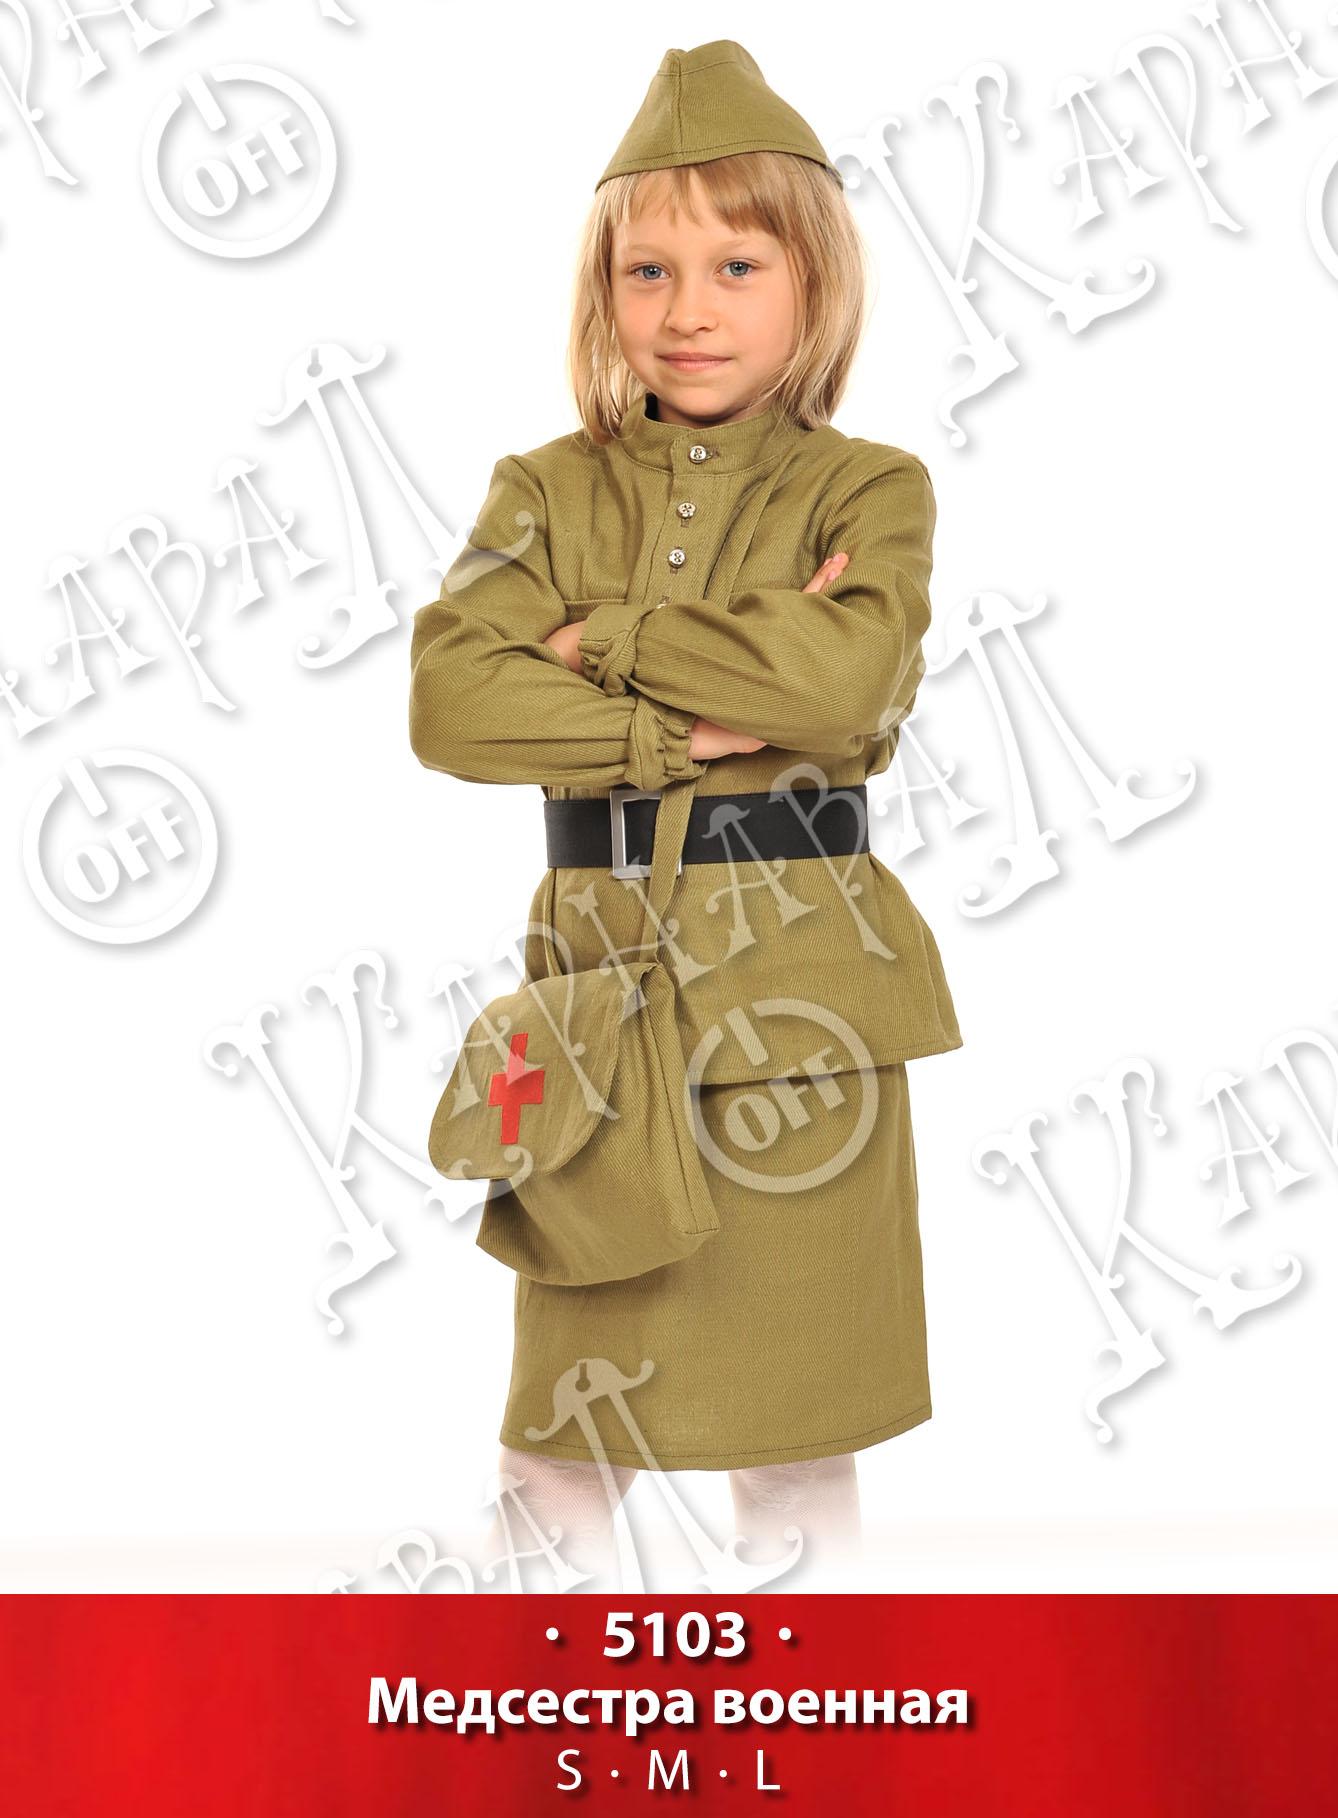 Военная форма детям фото